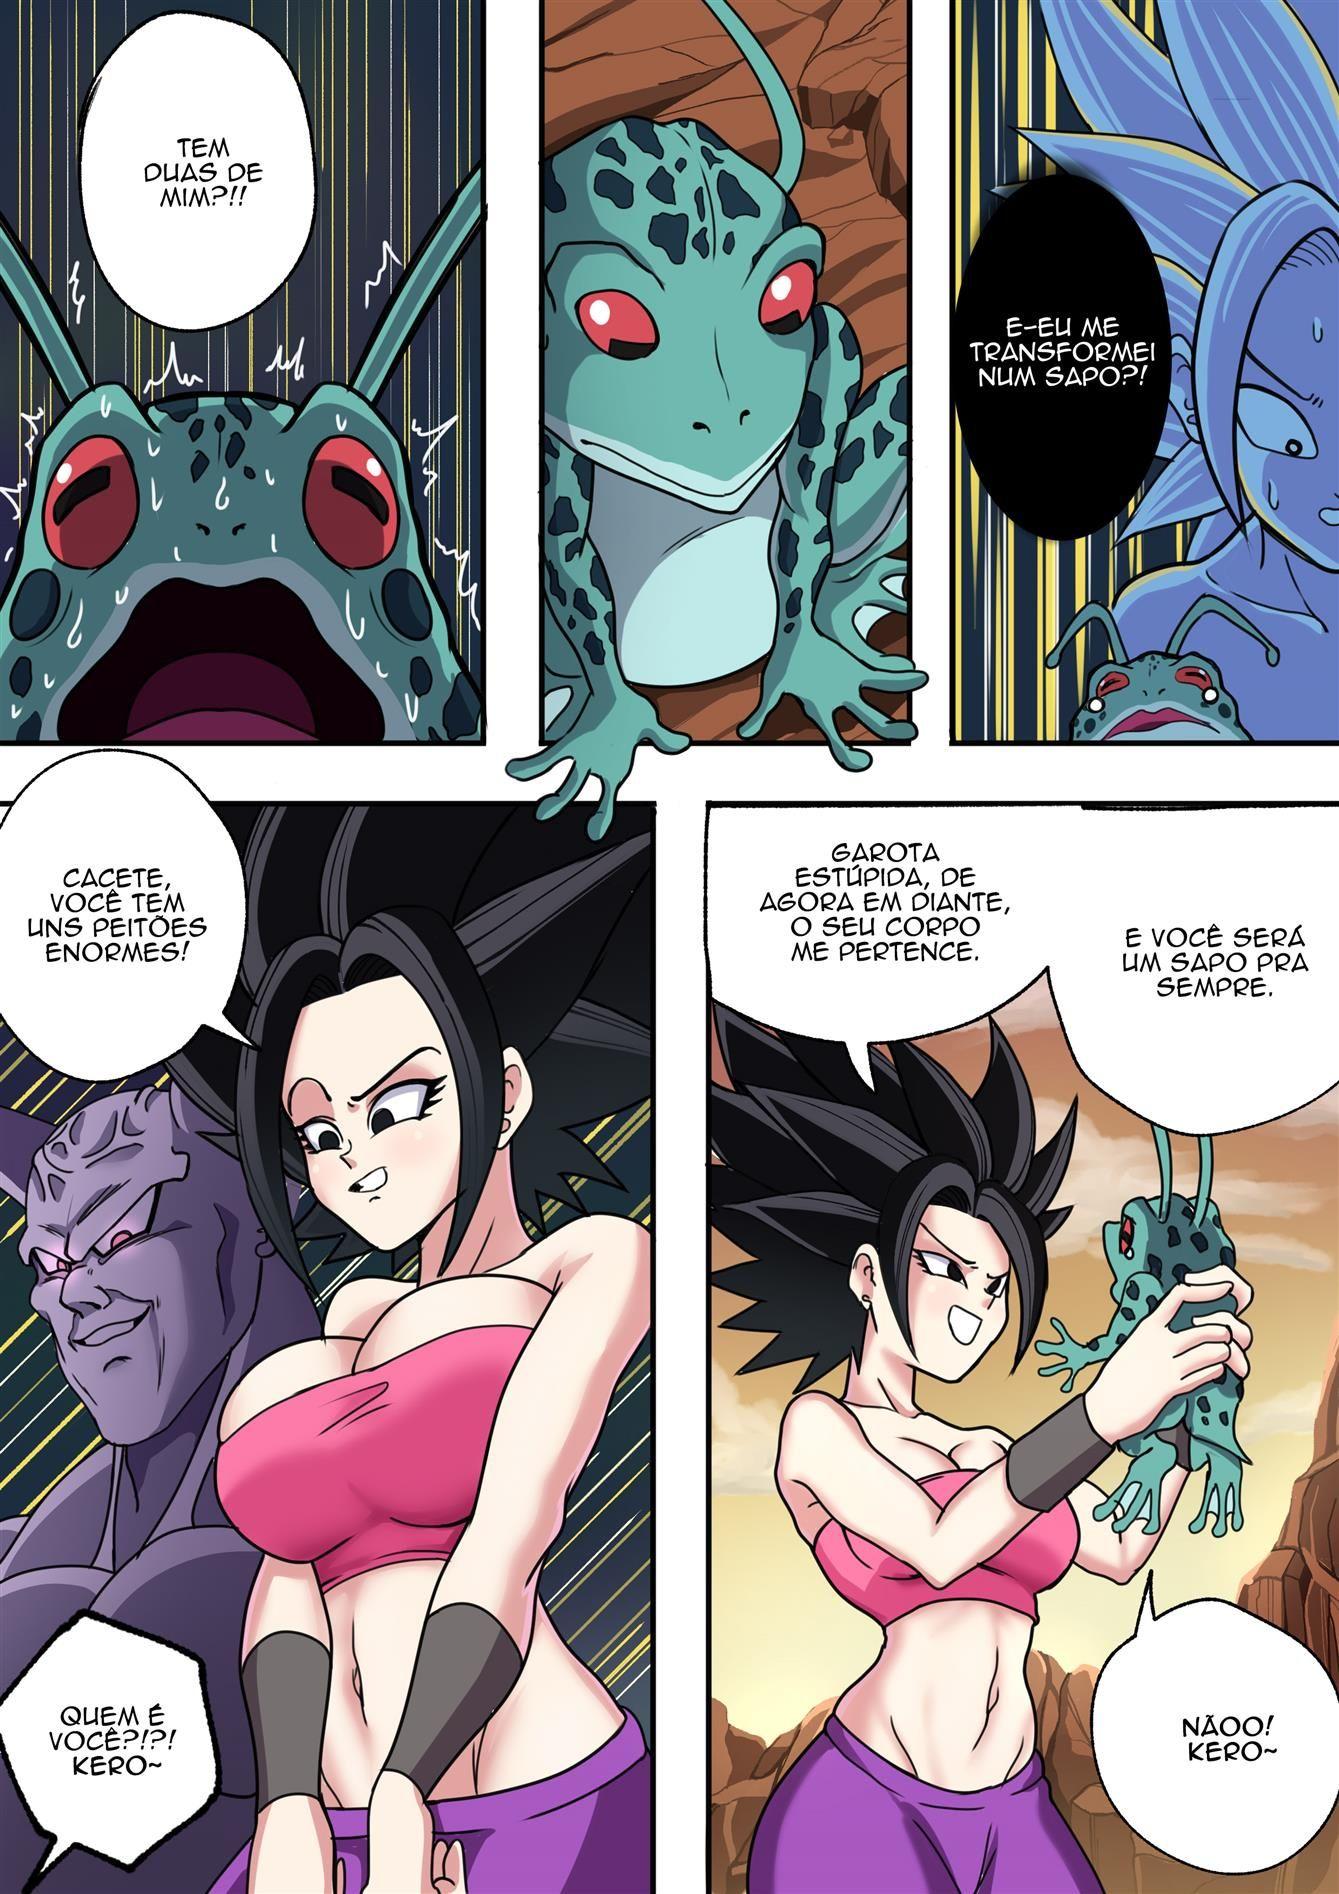 Mudança de corpo em Dragon ball pornô